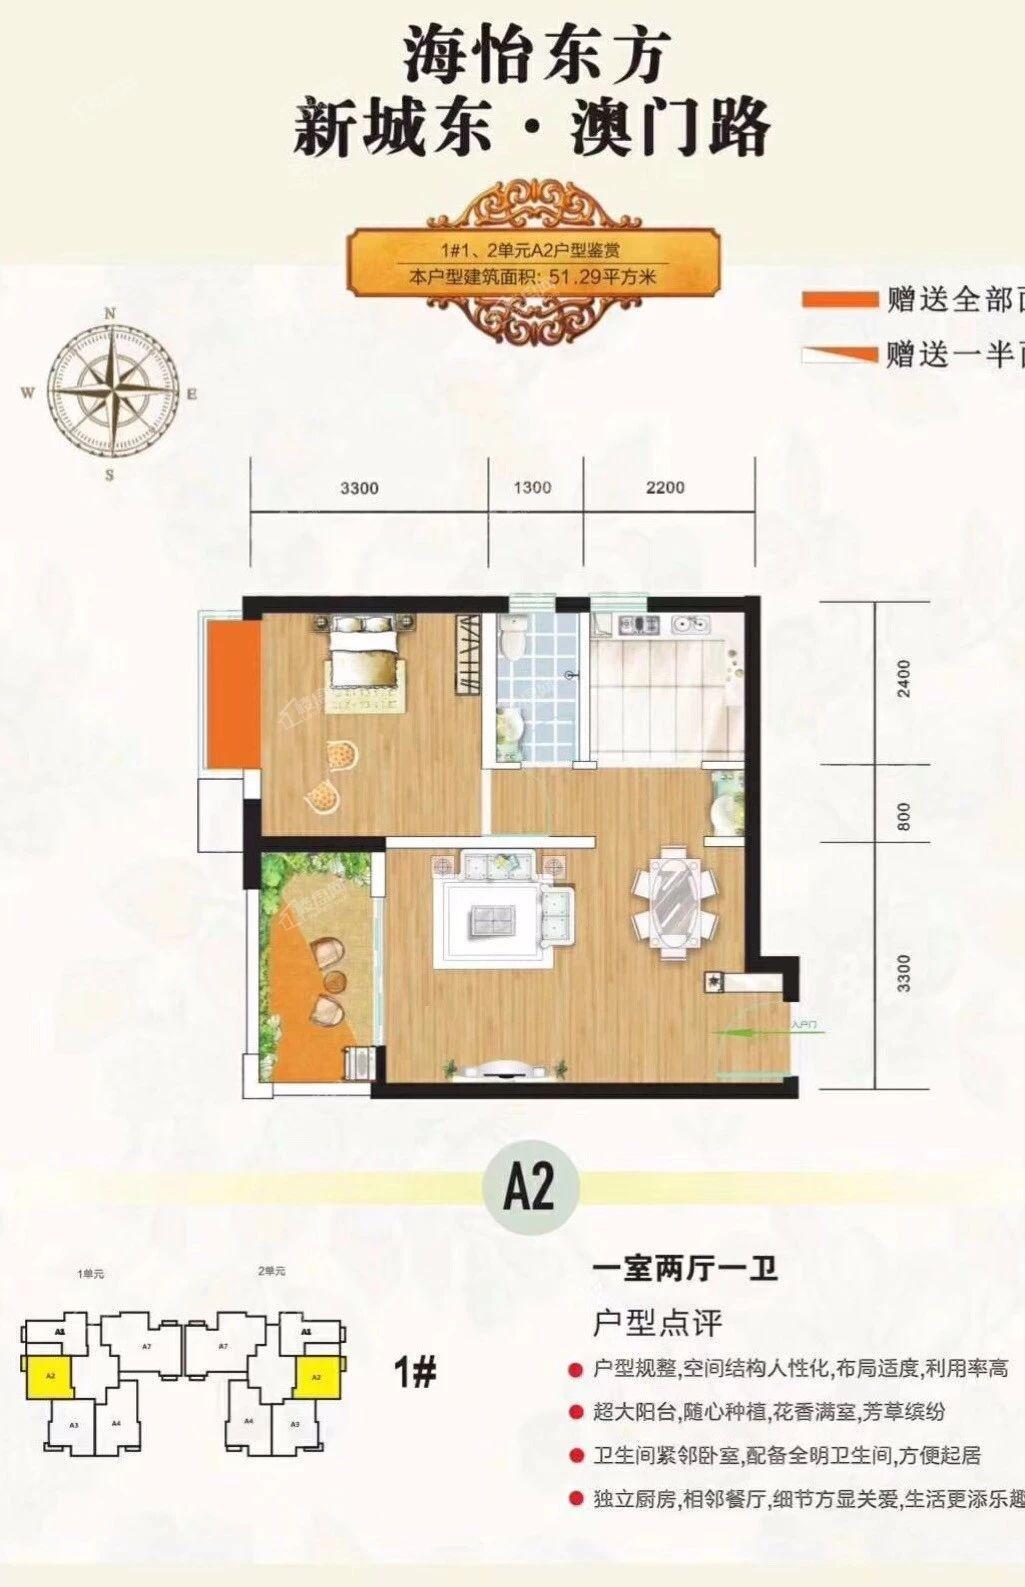 海怡东方户型图_北海楼盘网